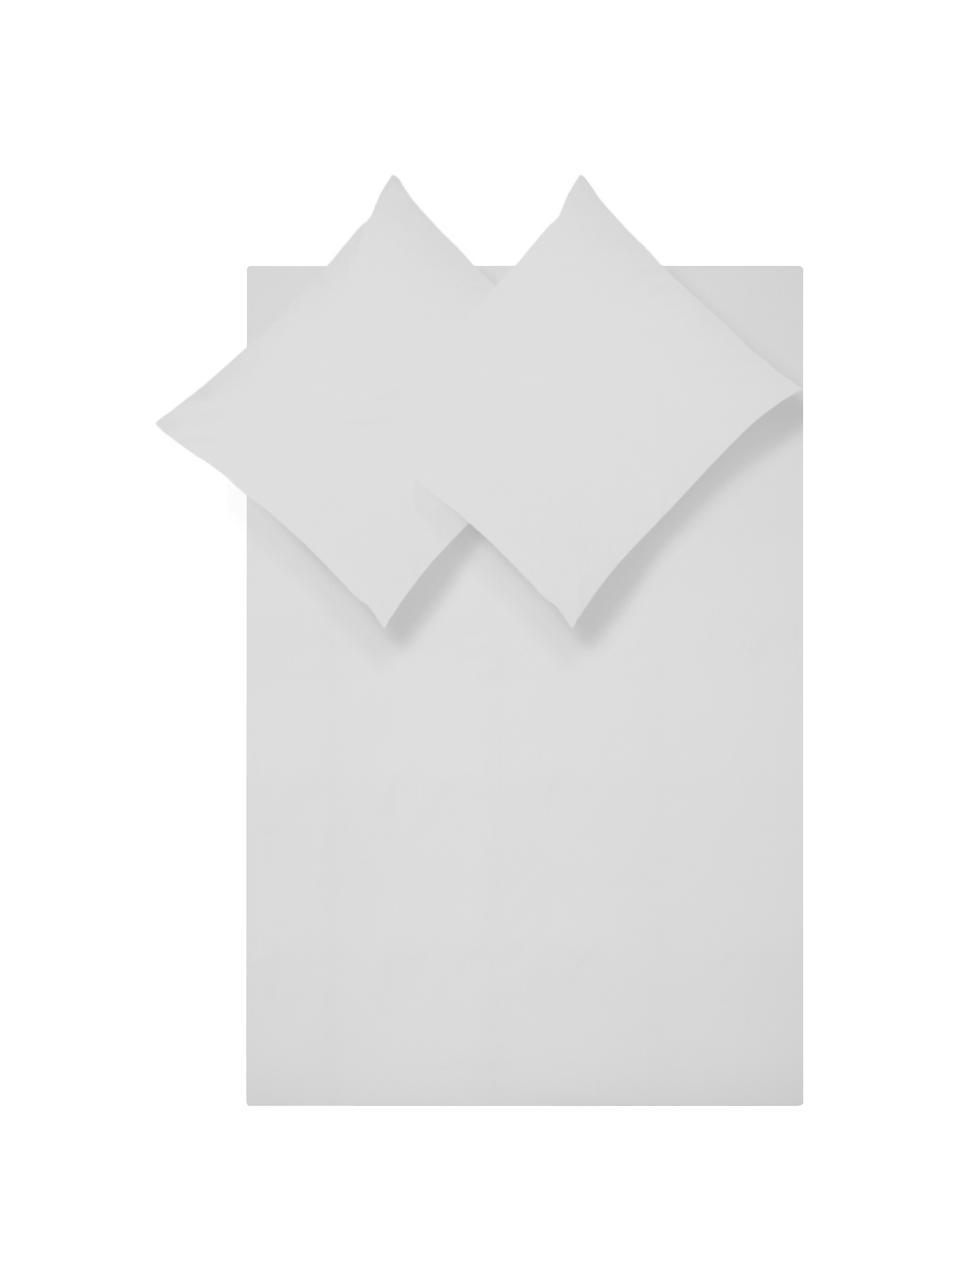 Perkal dekbedovertrek Elsie, Weeftechniek: perkal Draaddichtheid 200, Lichtgrijs, 240 x 220 cm + 2 kussen 60 x 70 cm